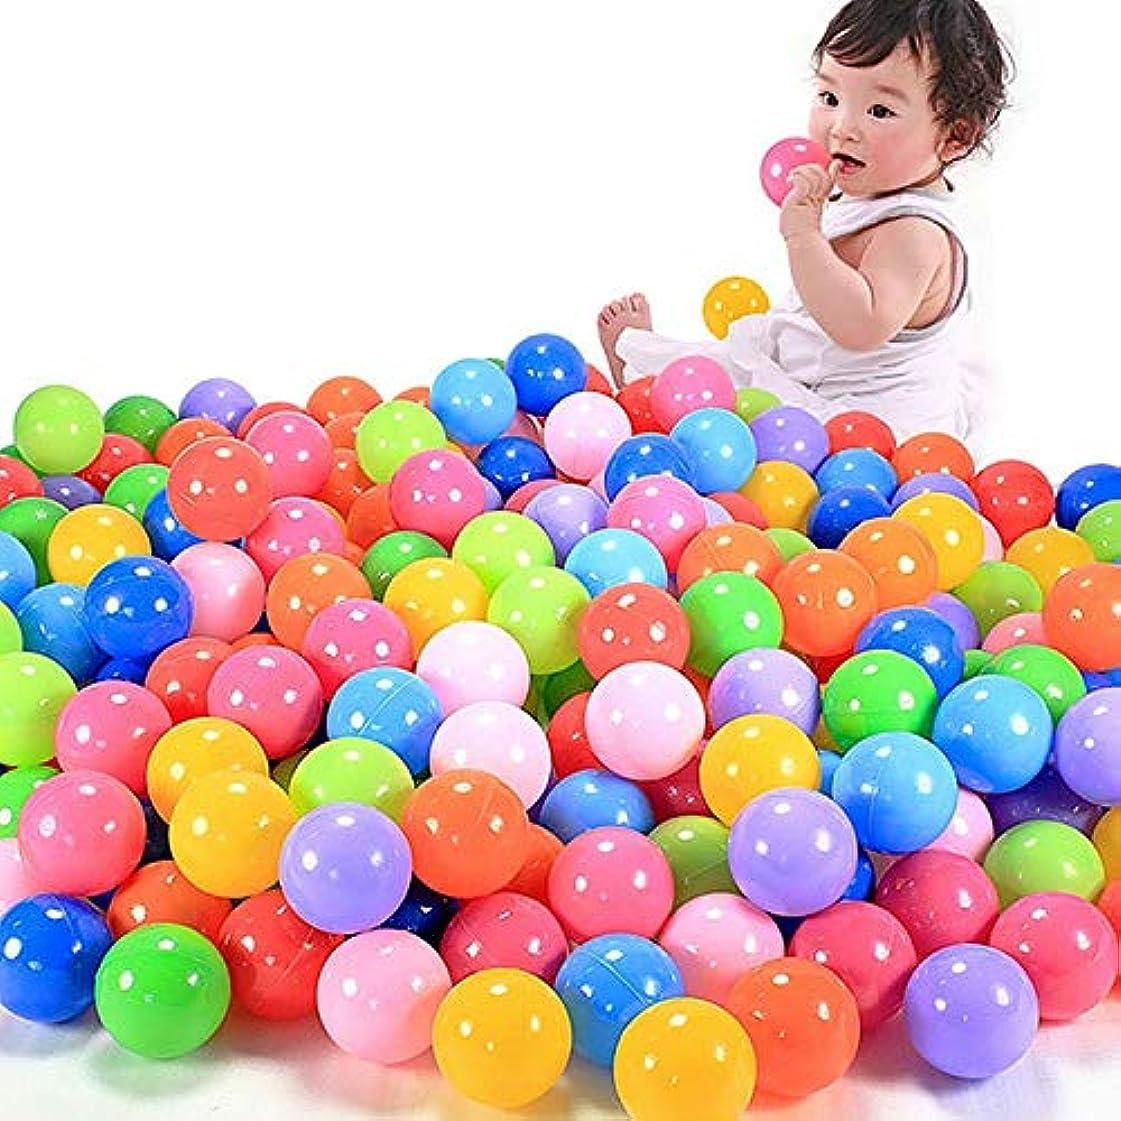 肘どんよりしたピジンGonPi おもちゃボール - 100個 7cm ロット カラフルボール 楽しいボール ソフトプラスチック オーシャンボール 赤ちゃん 子供 おもちゃ 水泳 ピット おもちゃ